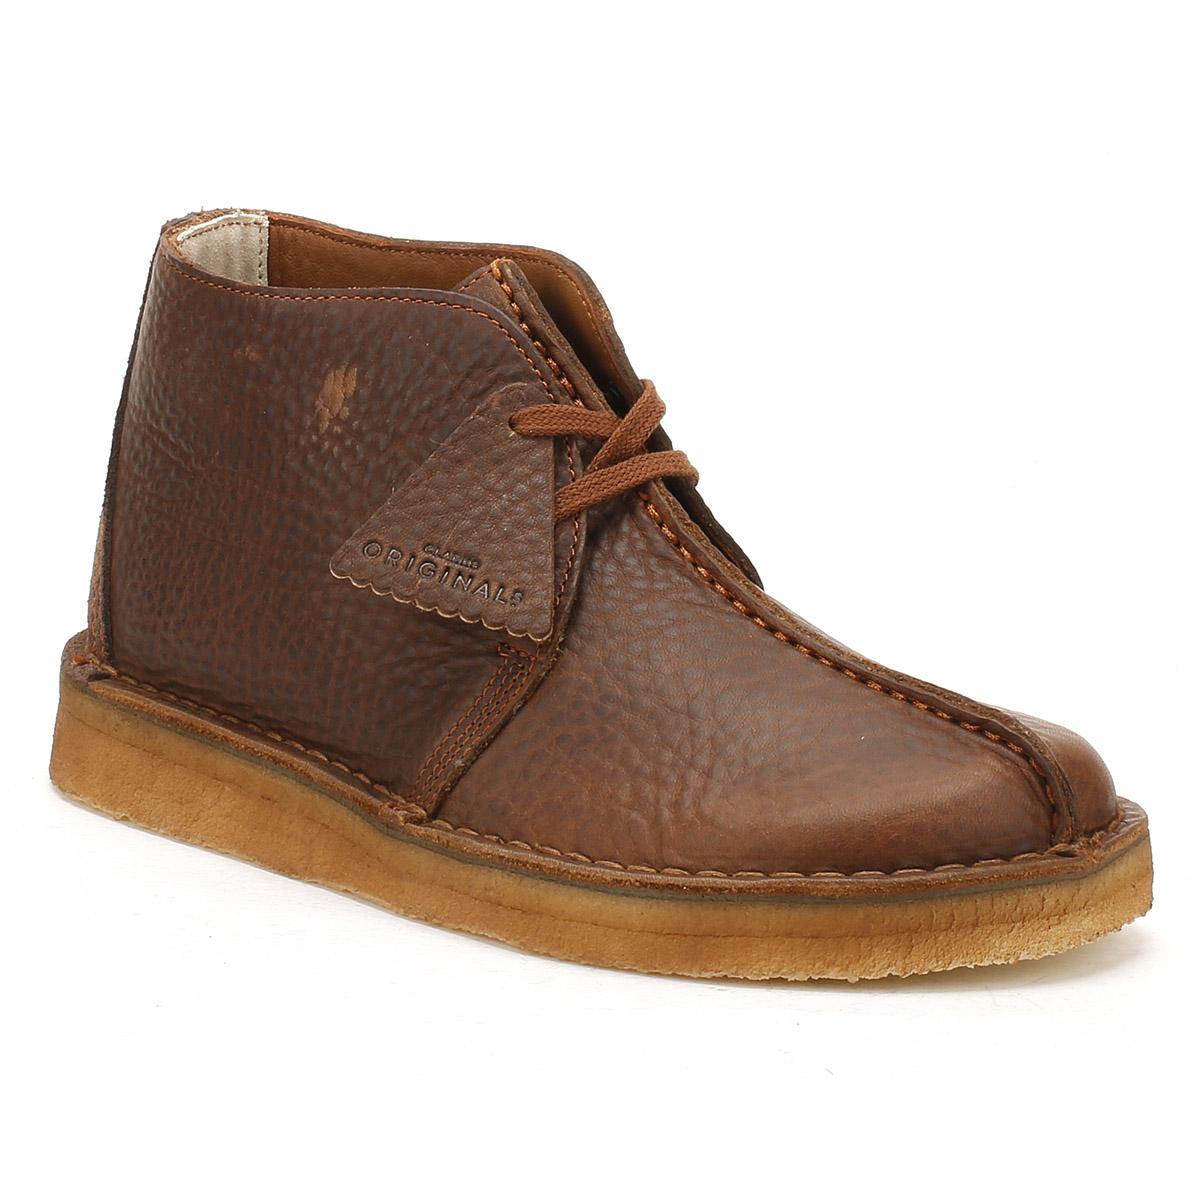 Clarks Mens schwarz or Braun Leder Up Desert Trek Stiefel Lace Up Leder Winter Schuhes 8893fa